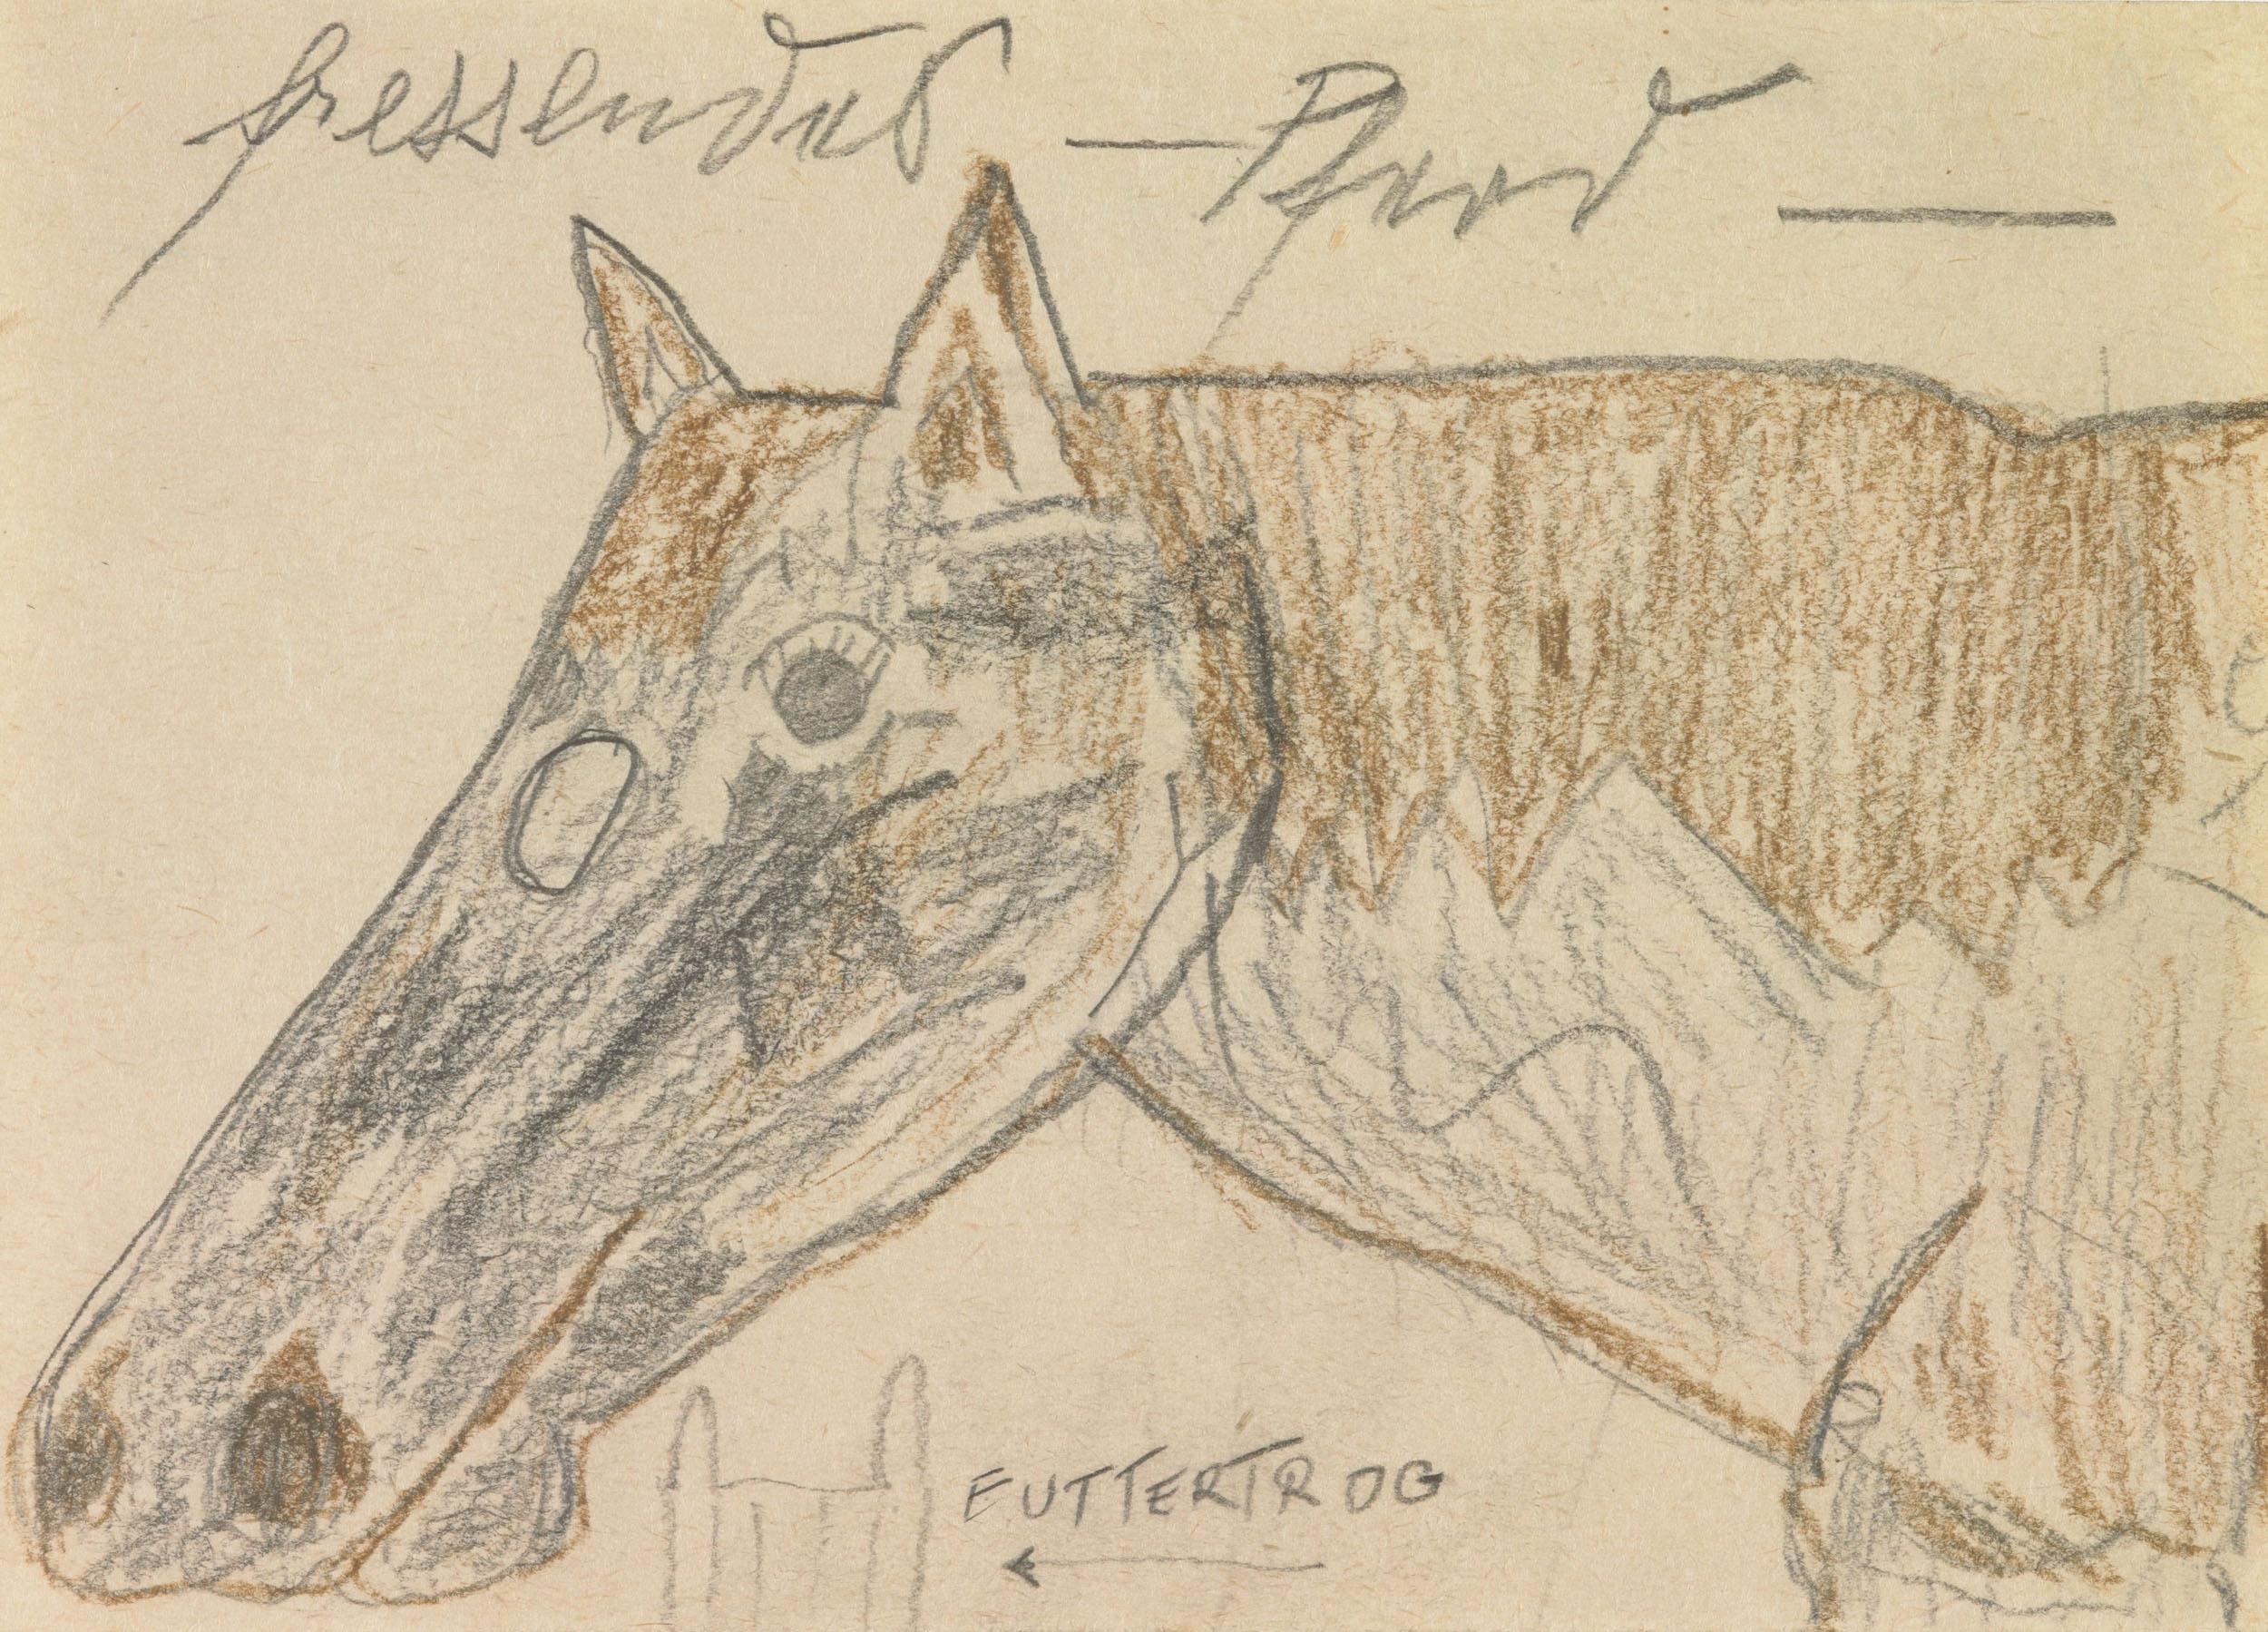 herbeck ernst - Fressendes Pferd / Munching horse